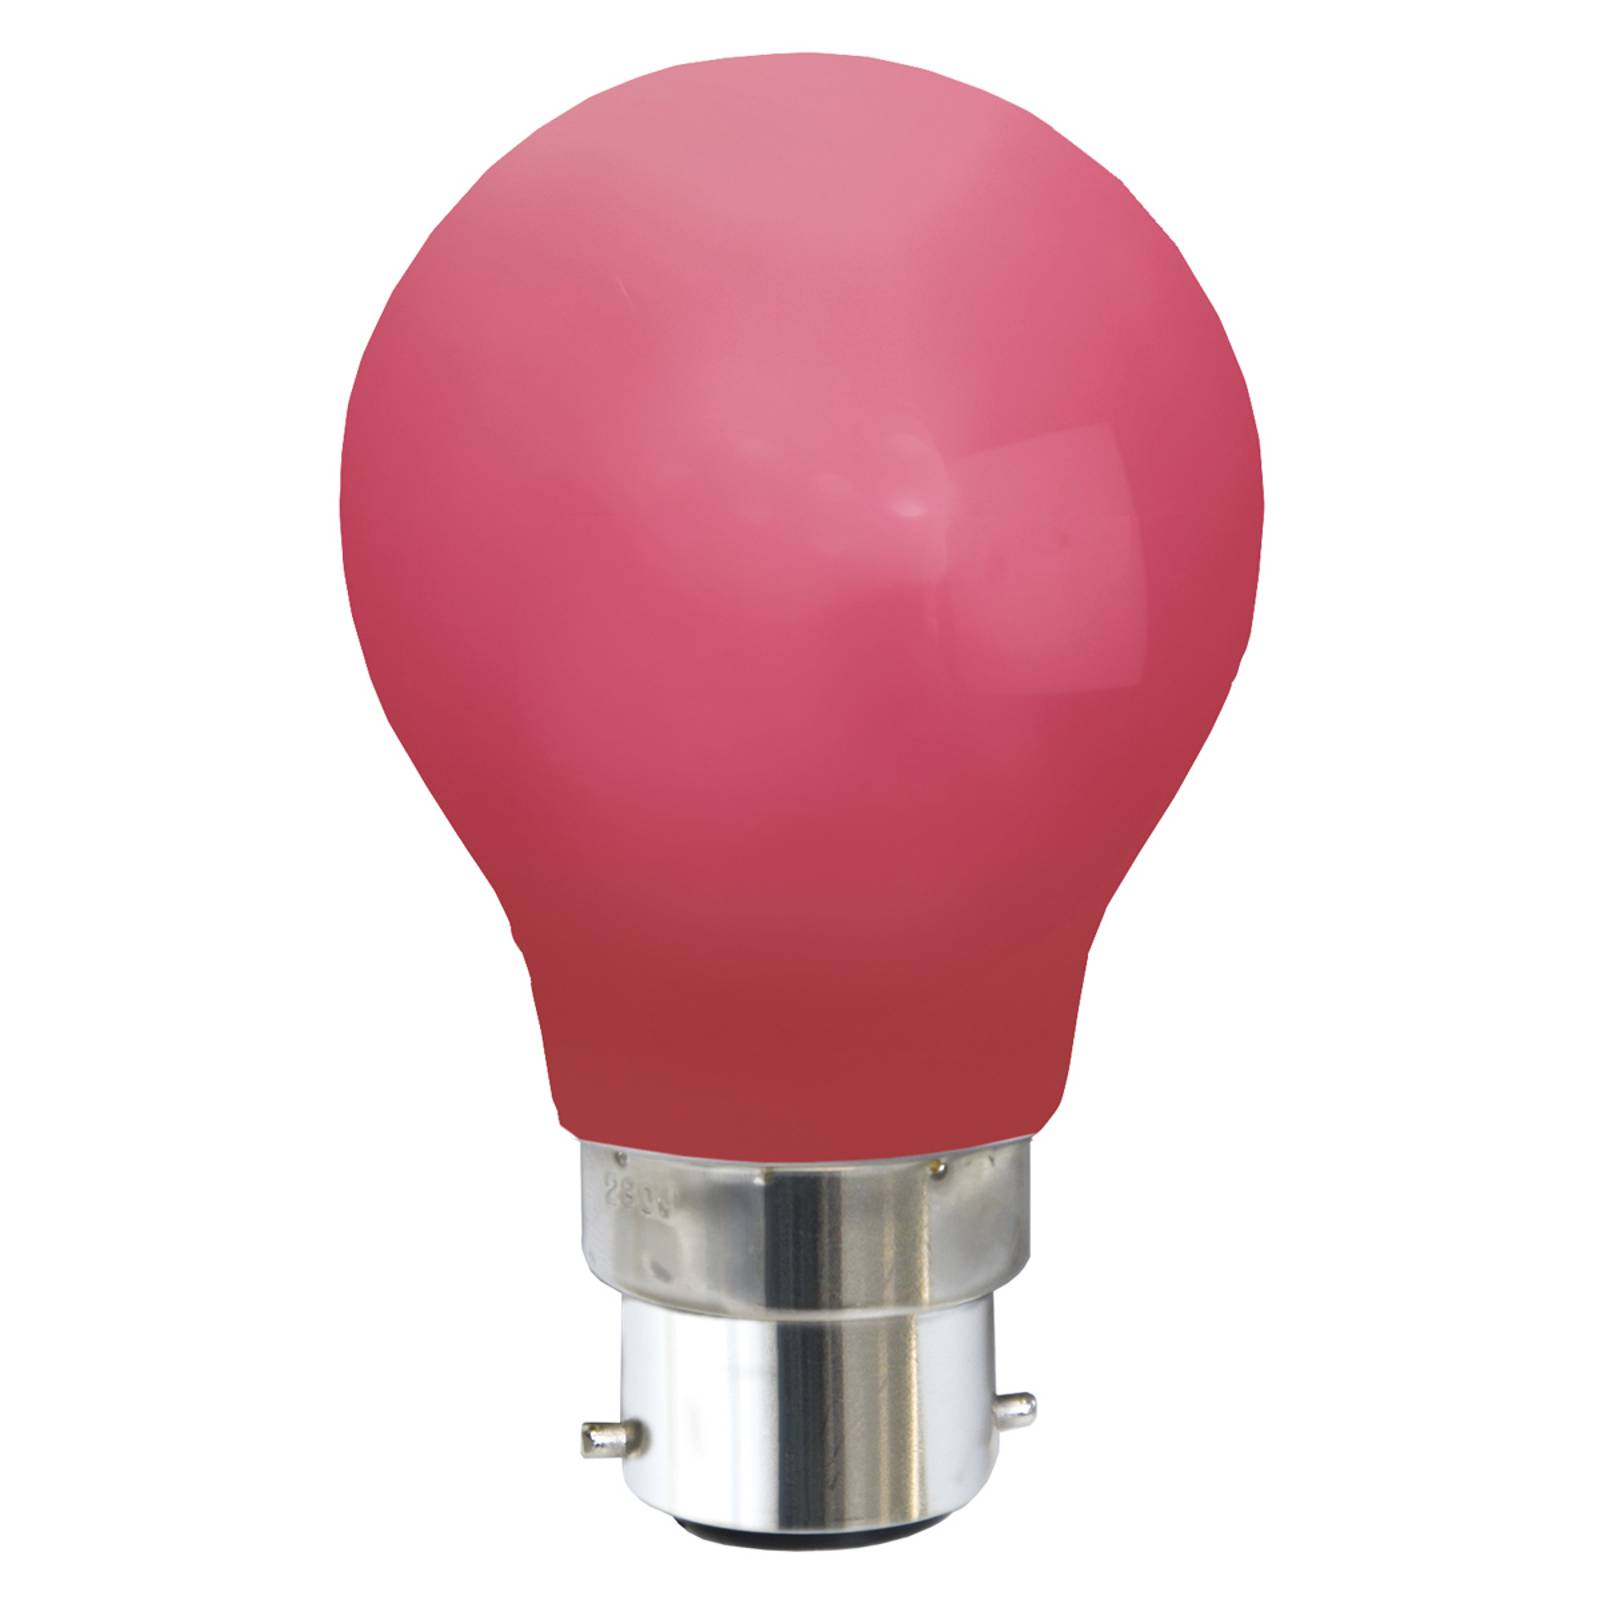 B22 0,8W lampadina LED rossa